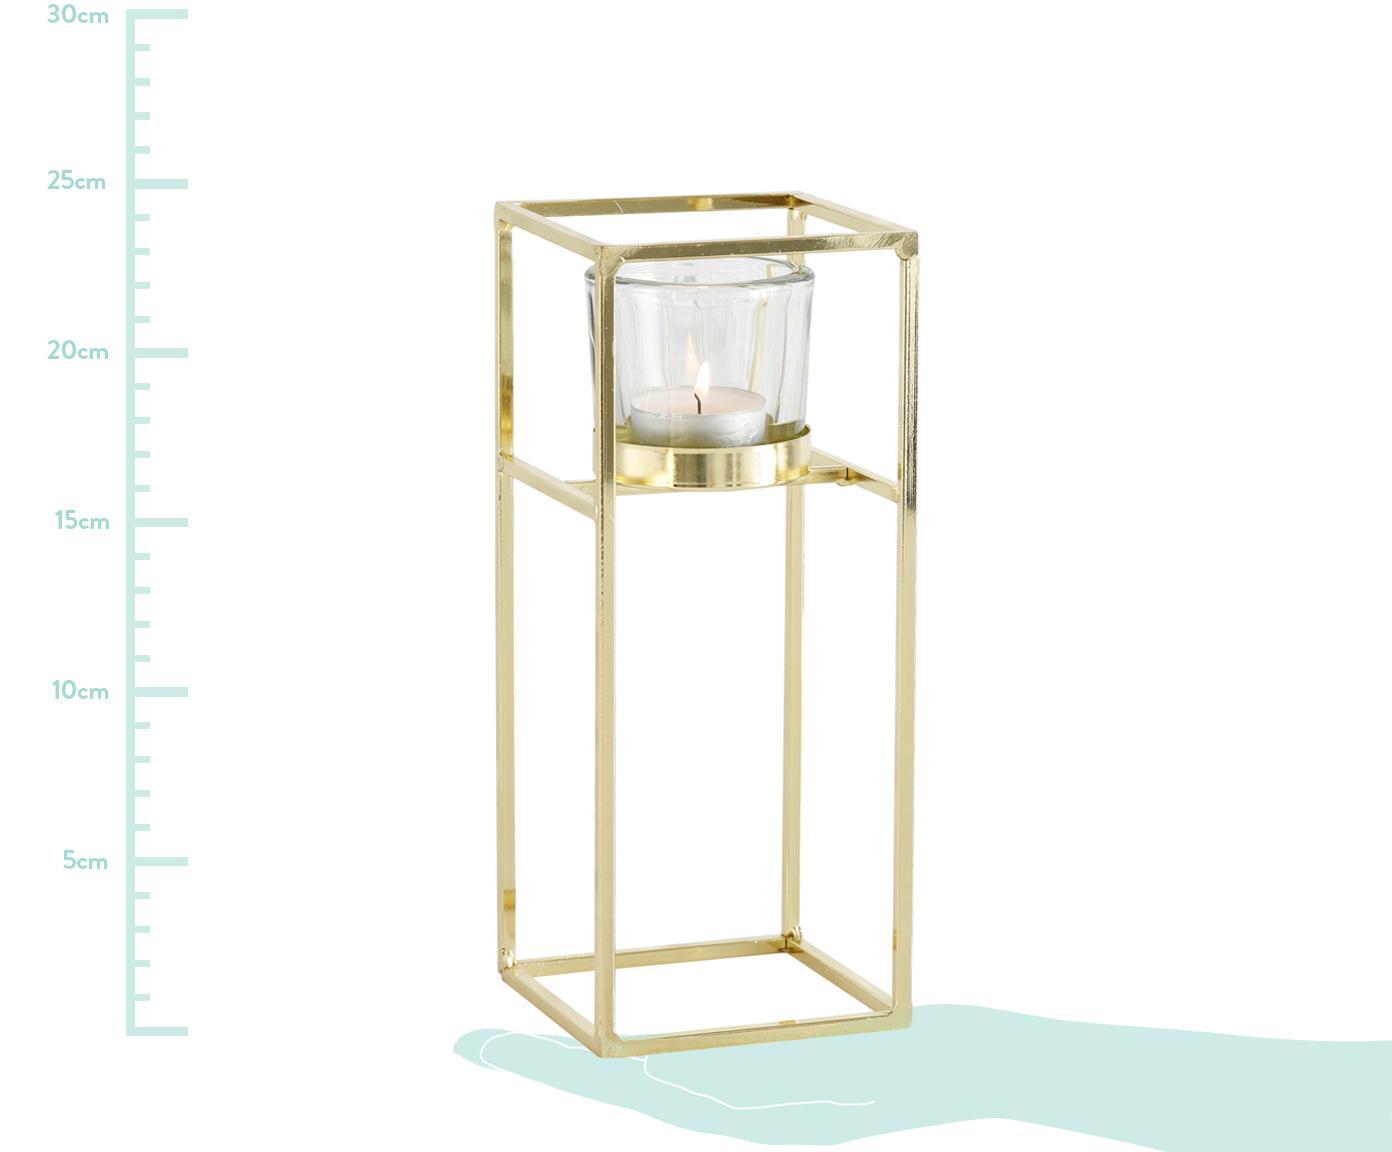 Komplet świeczników Tomba, 2 elem., Stelaż: metal powlekany, Transparentny, odcienie mosiądzu, Różne rozmiary